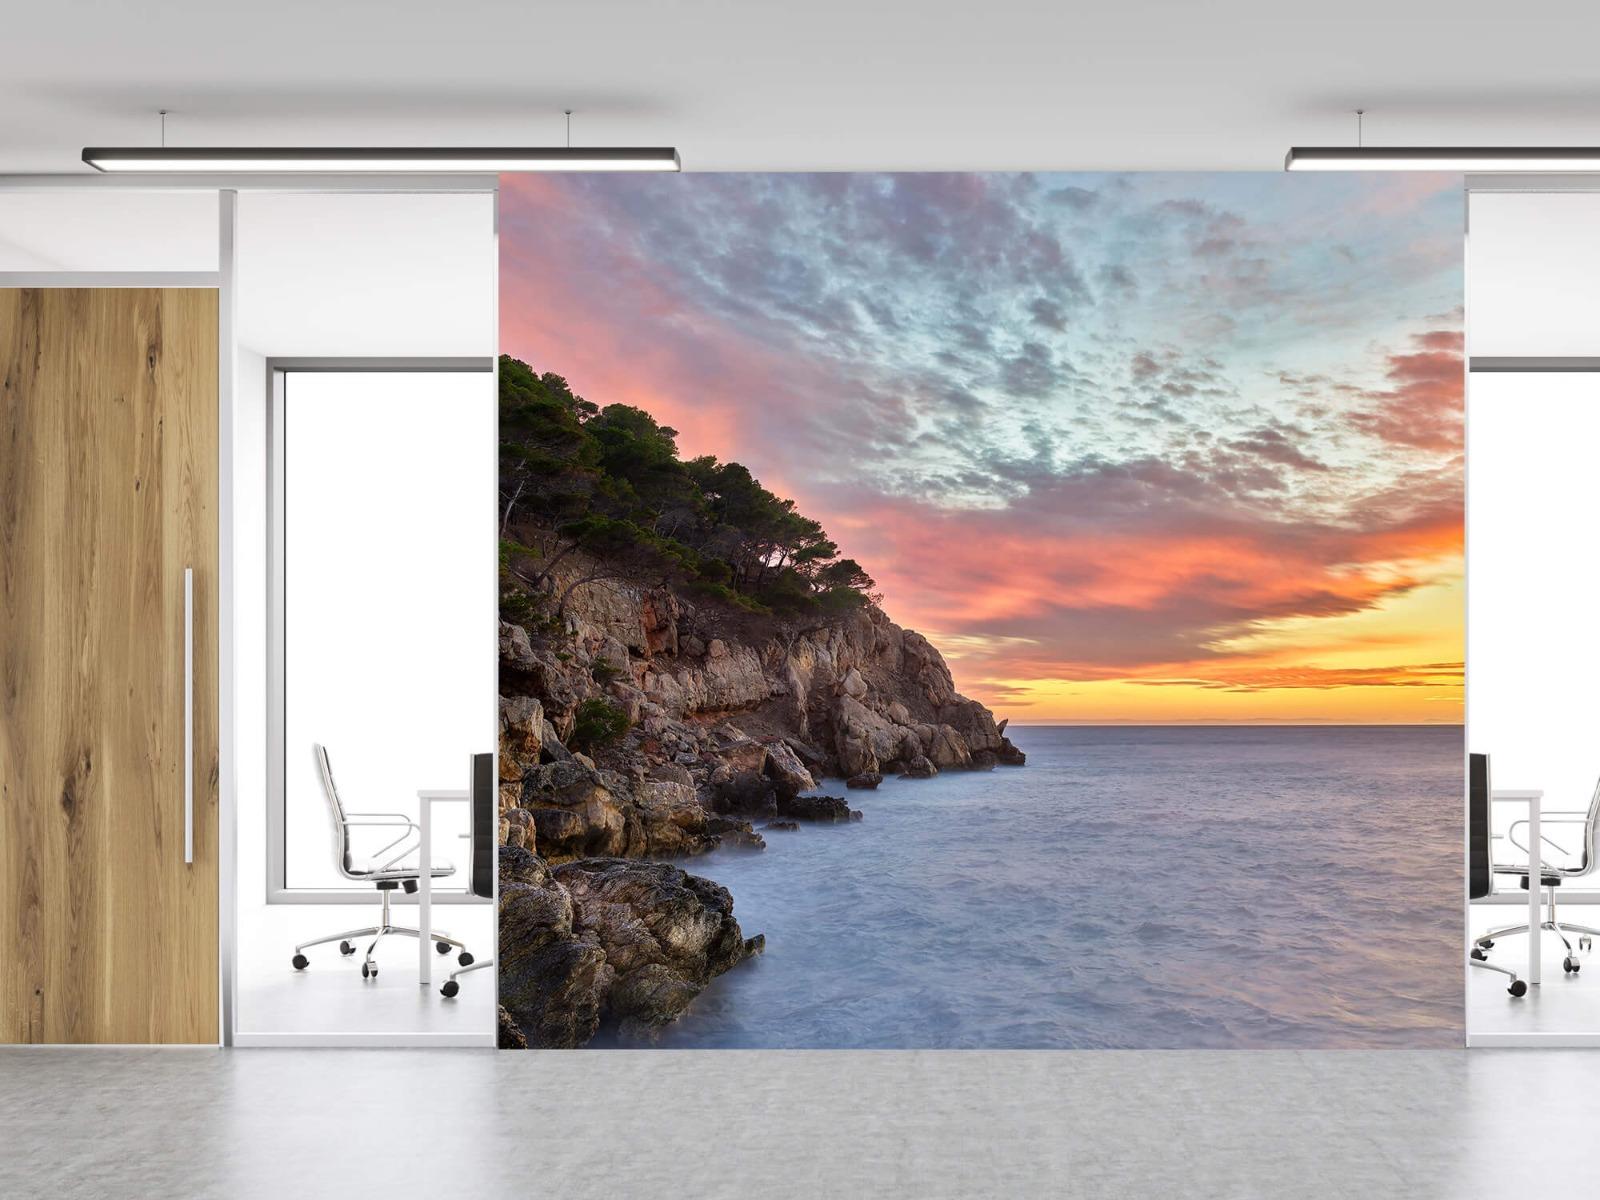 Zeeën en Oceanen - Kleurrijke zonsondergang - Slaapkamer 12